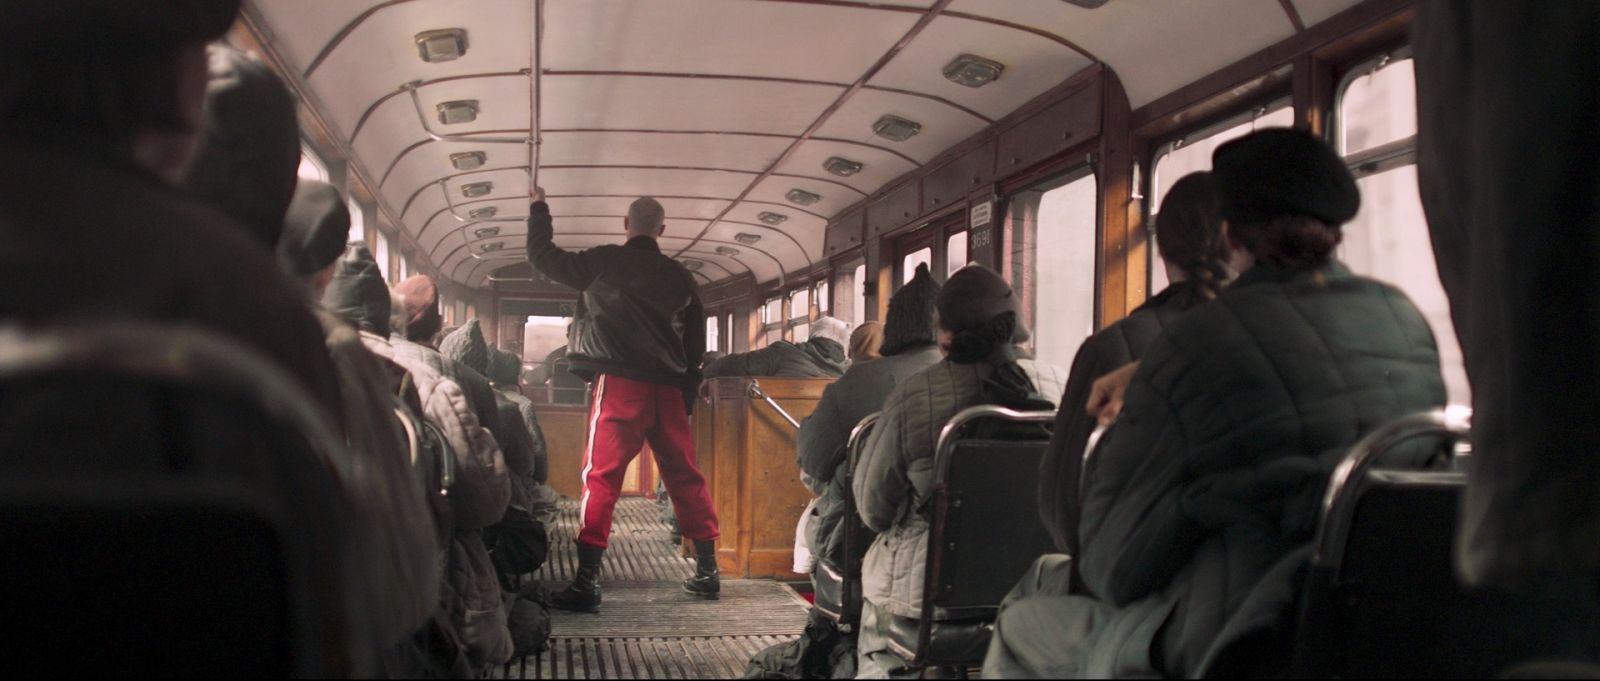 «Капитан Волконогов бежал» — лучший фильм «Кинотавра» по версии зрителей